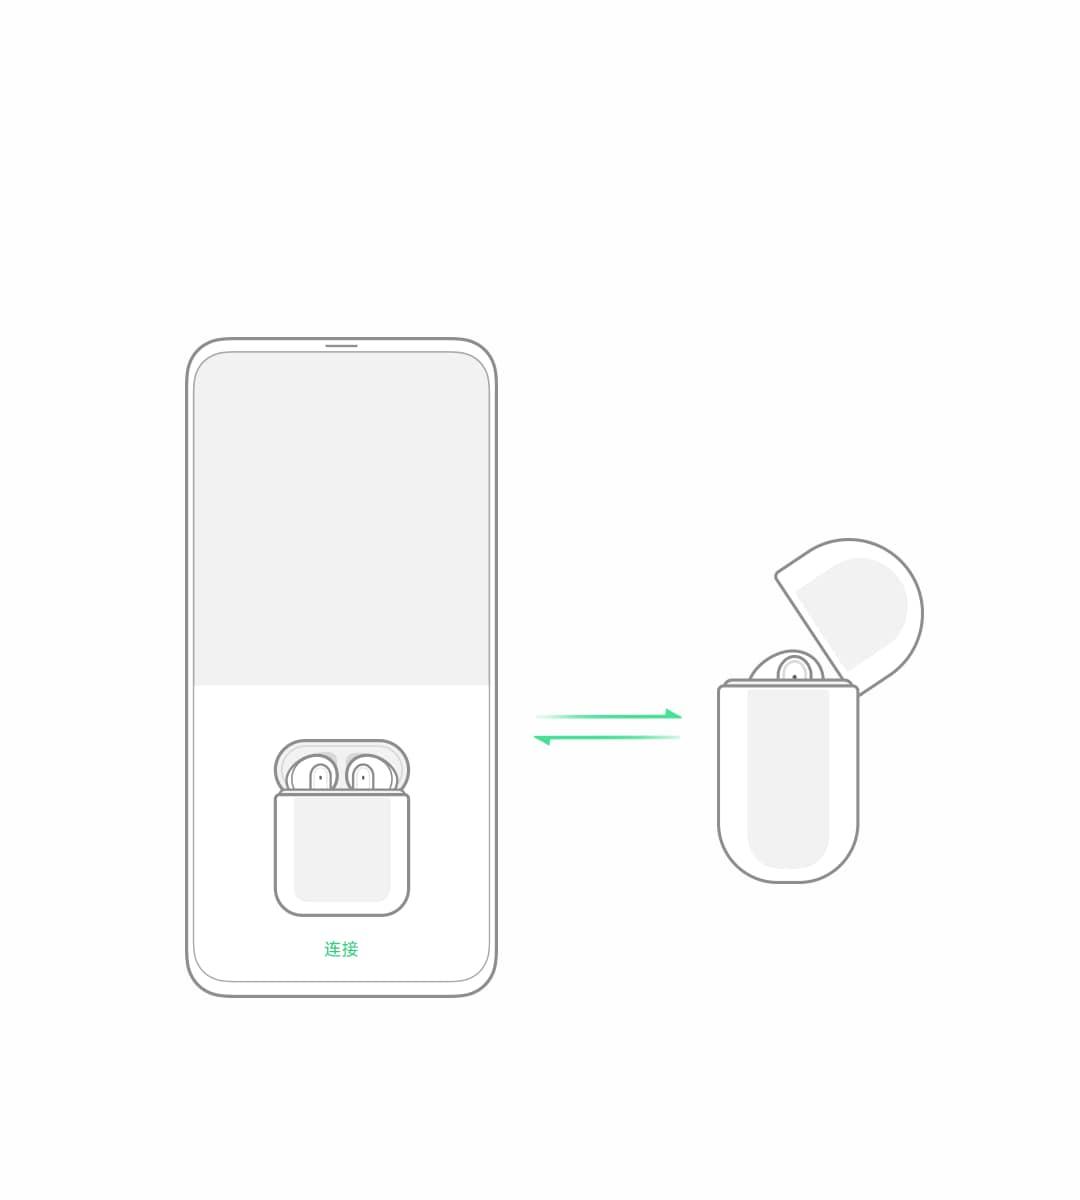 Обзор oneplus buds: автономные tws наушники для oneplus